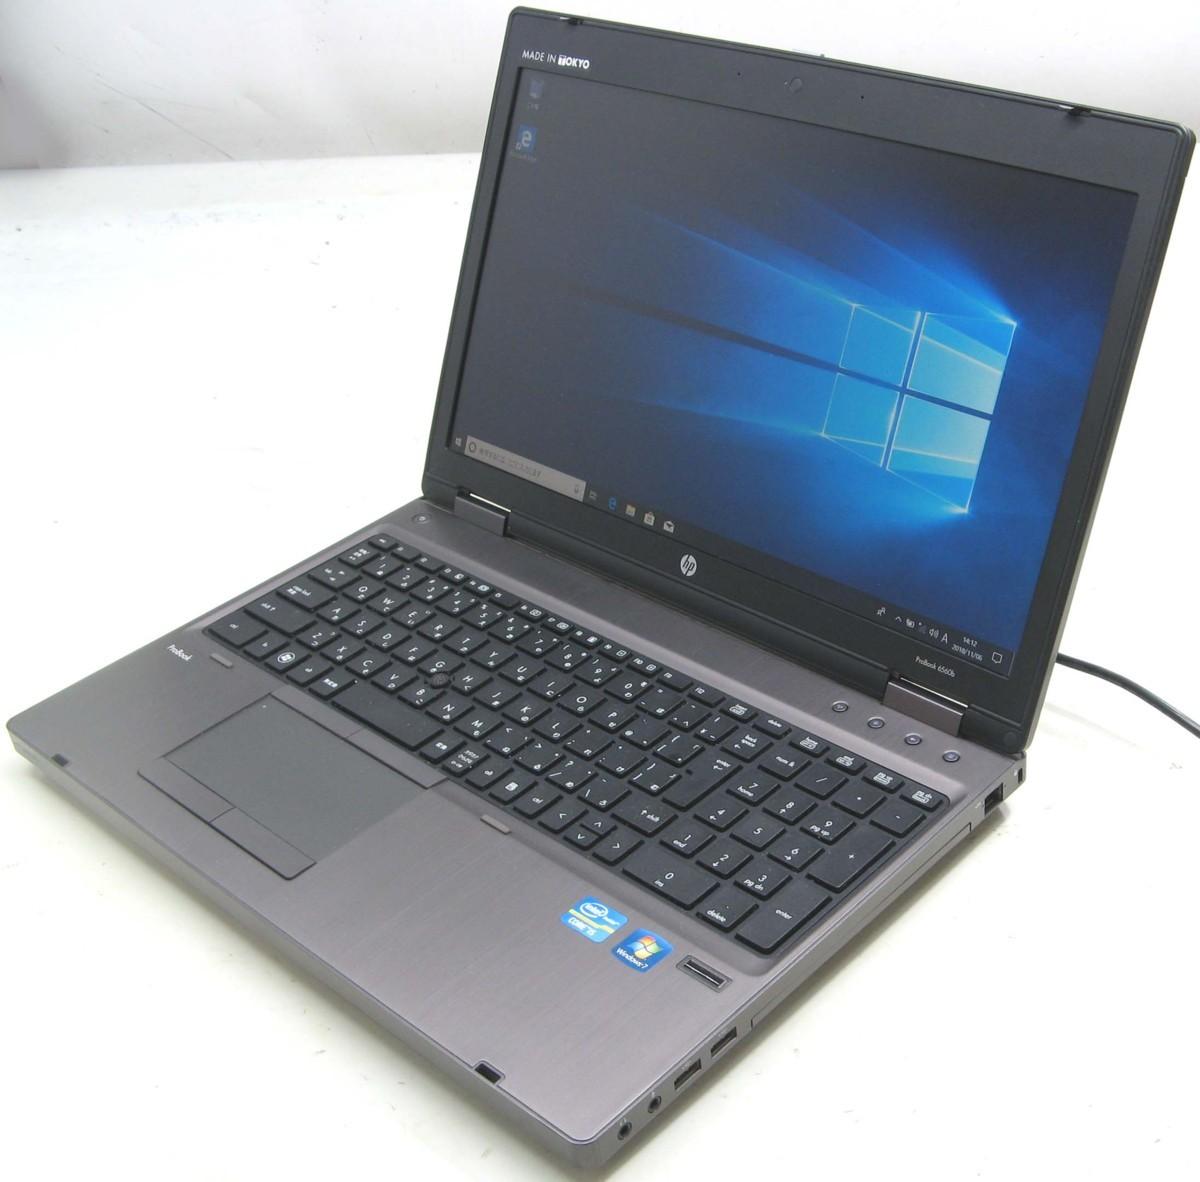 中古ノートパソコン HP ProBook 6560b(ヒューレット・パッカード Windows10 Corei5 DVDスーパーマルチドライブ)【中古】【中古パソコン/中古PC】